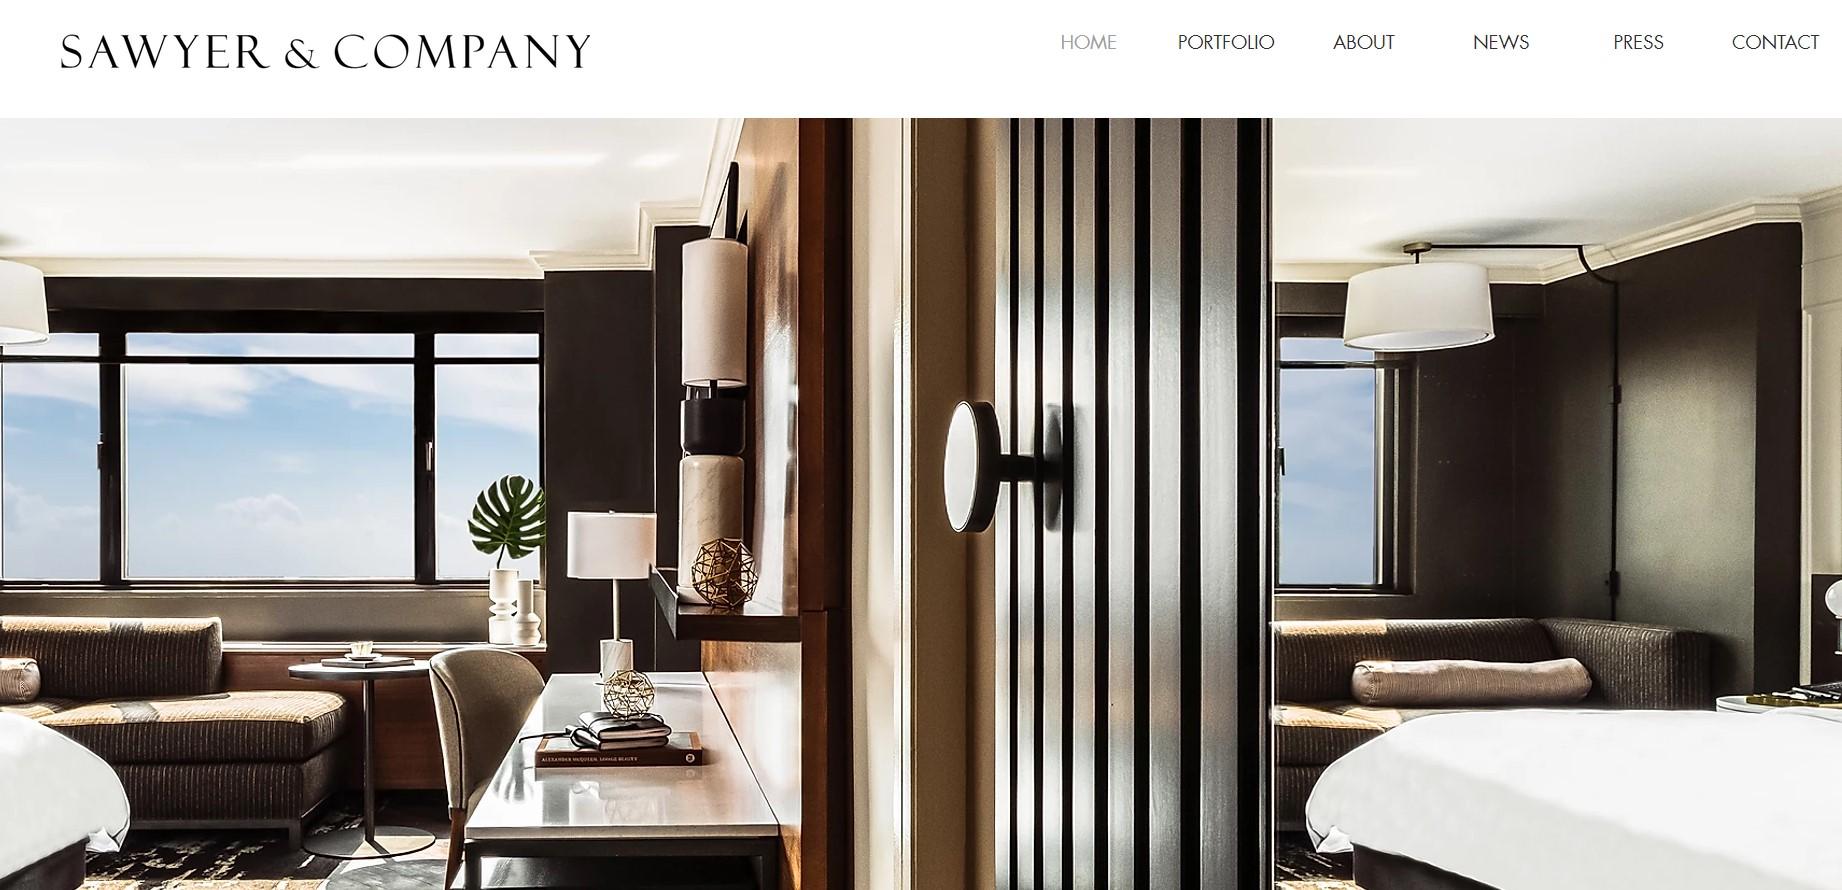 sawyer & co interior designer in new york